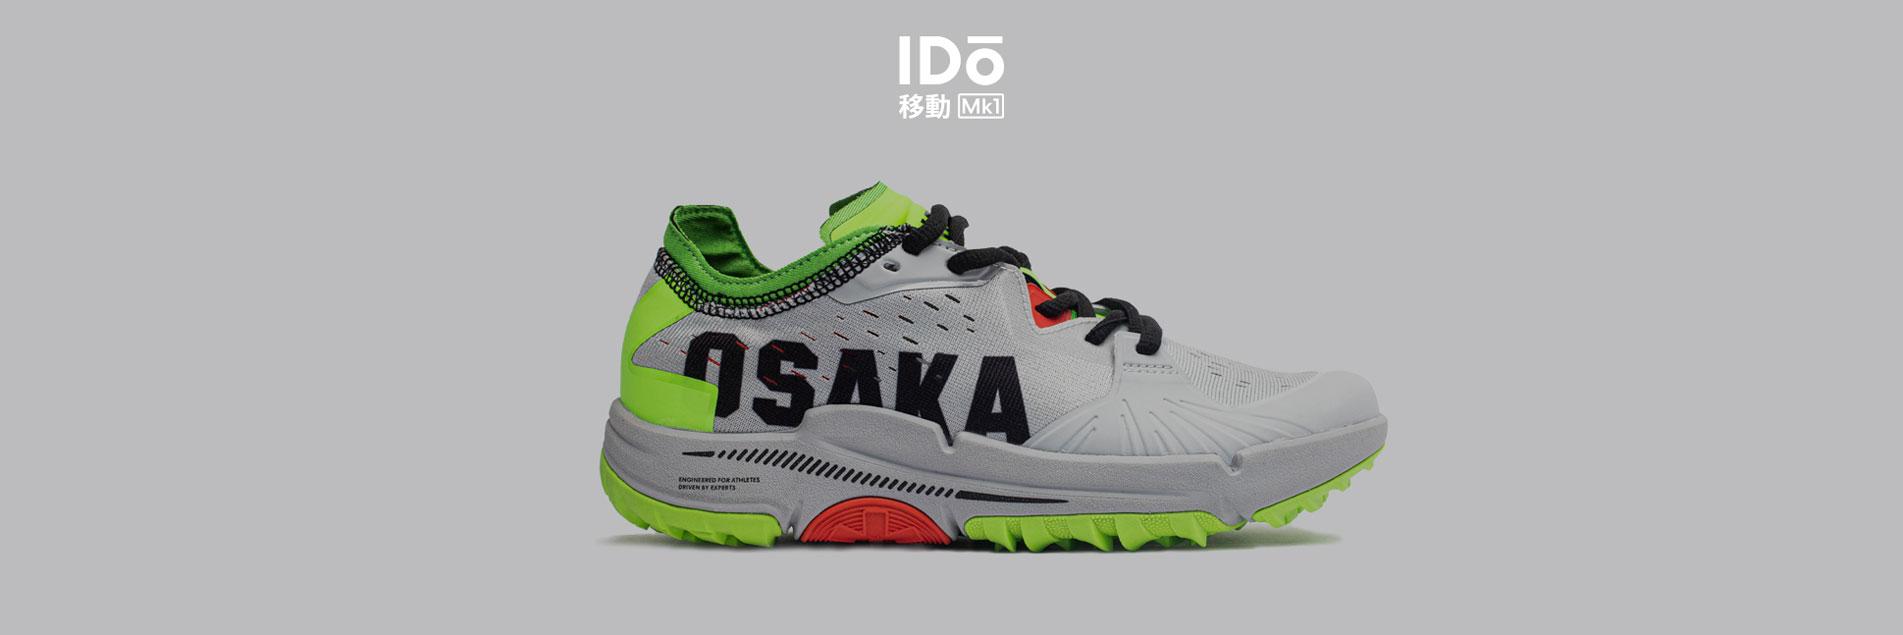 Osaka iDO